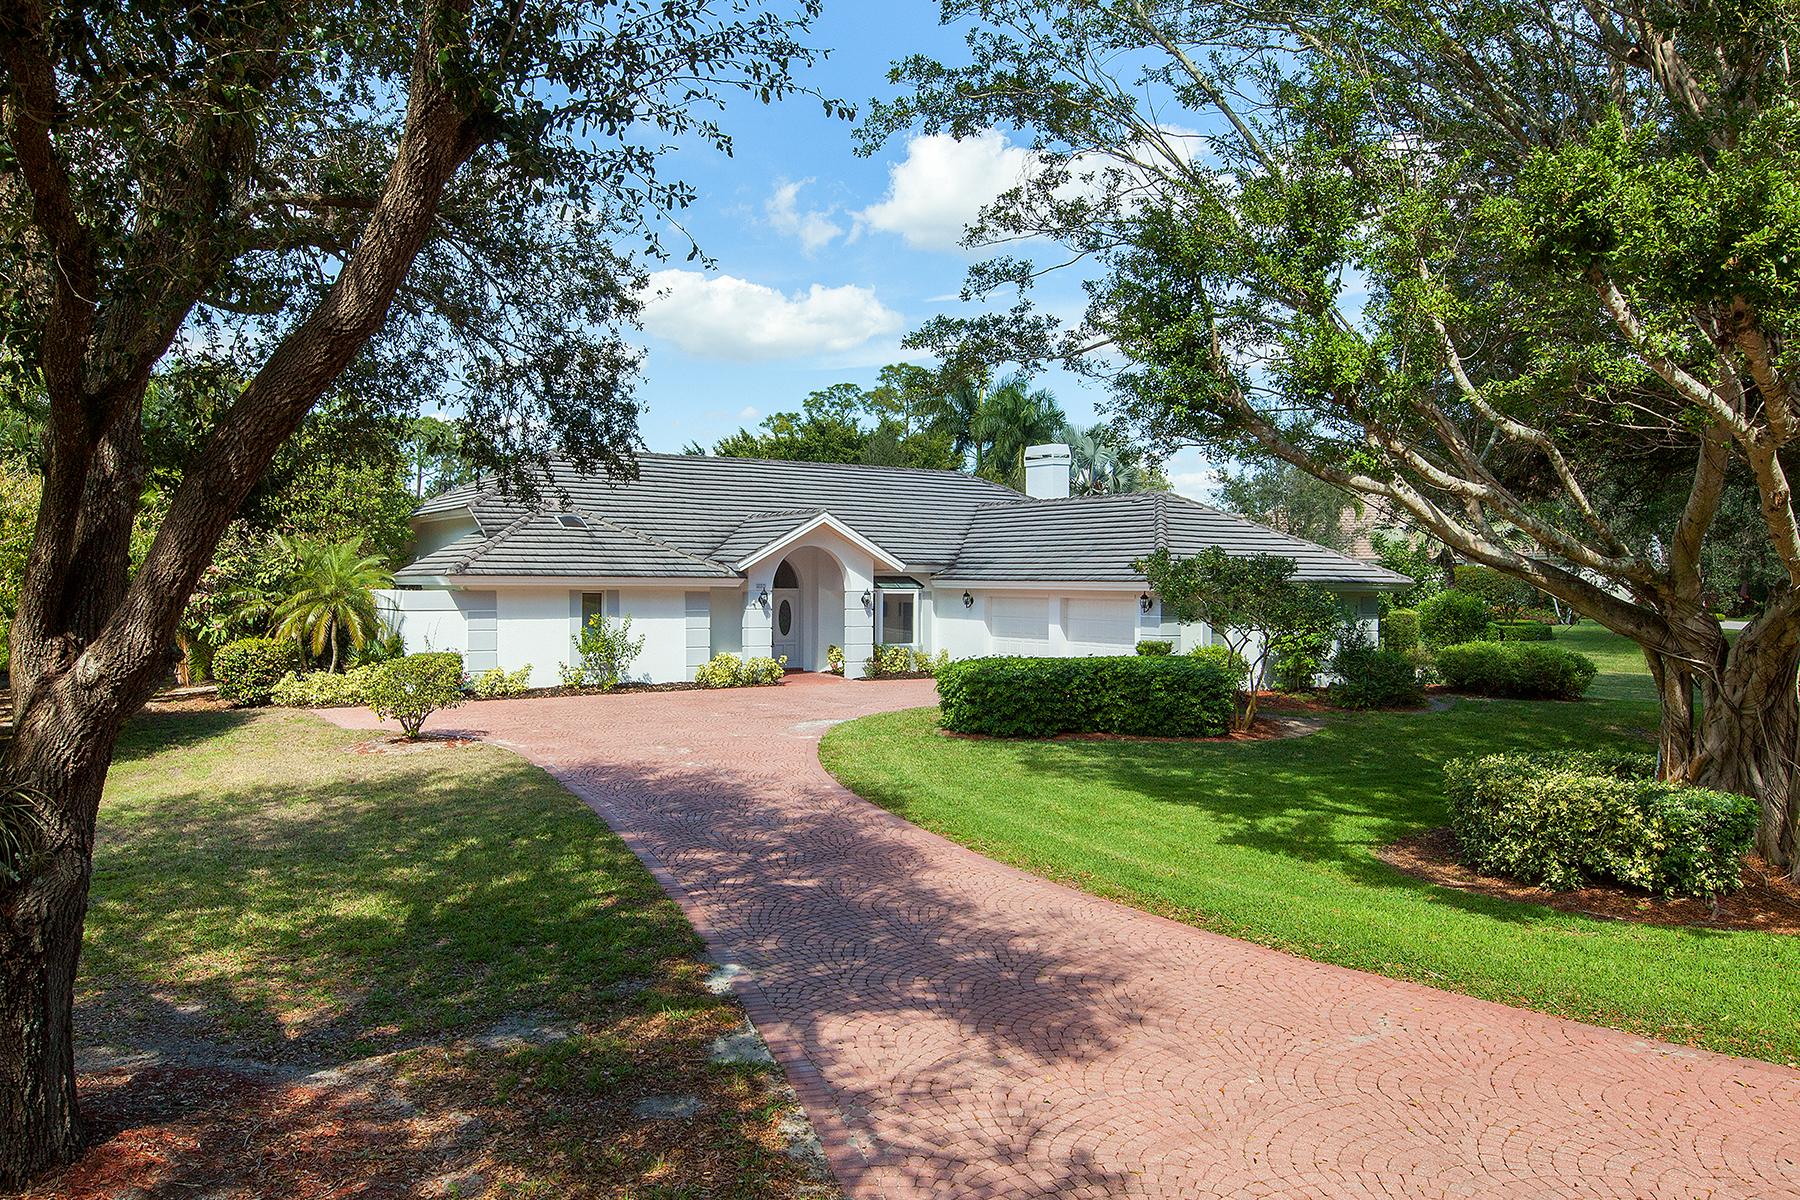 Tek Ailelik Ev için Satış at NAPLES 4887 Pond Apple Dr S Quail Creek, Naples, Florida, 34119 Amerika Birleşik Devletleri